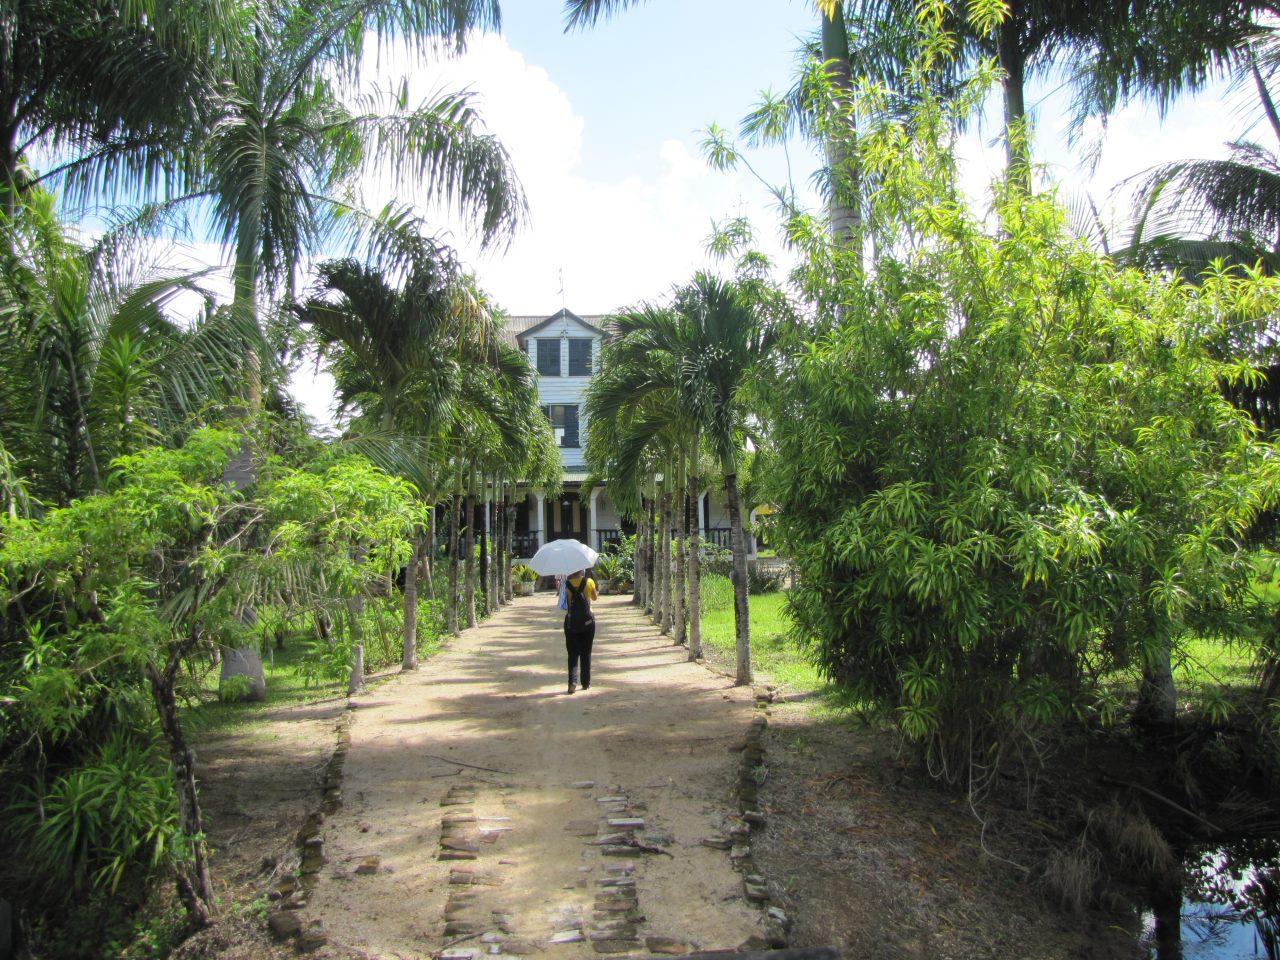 plantage marienbosch